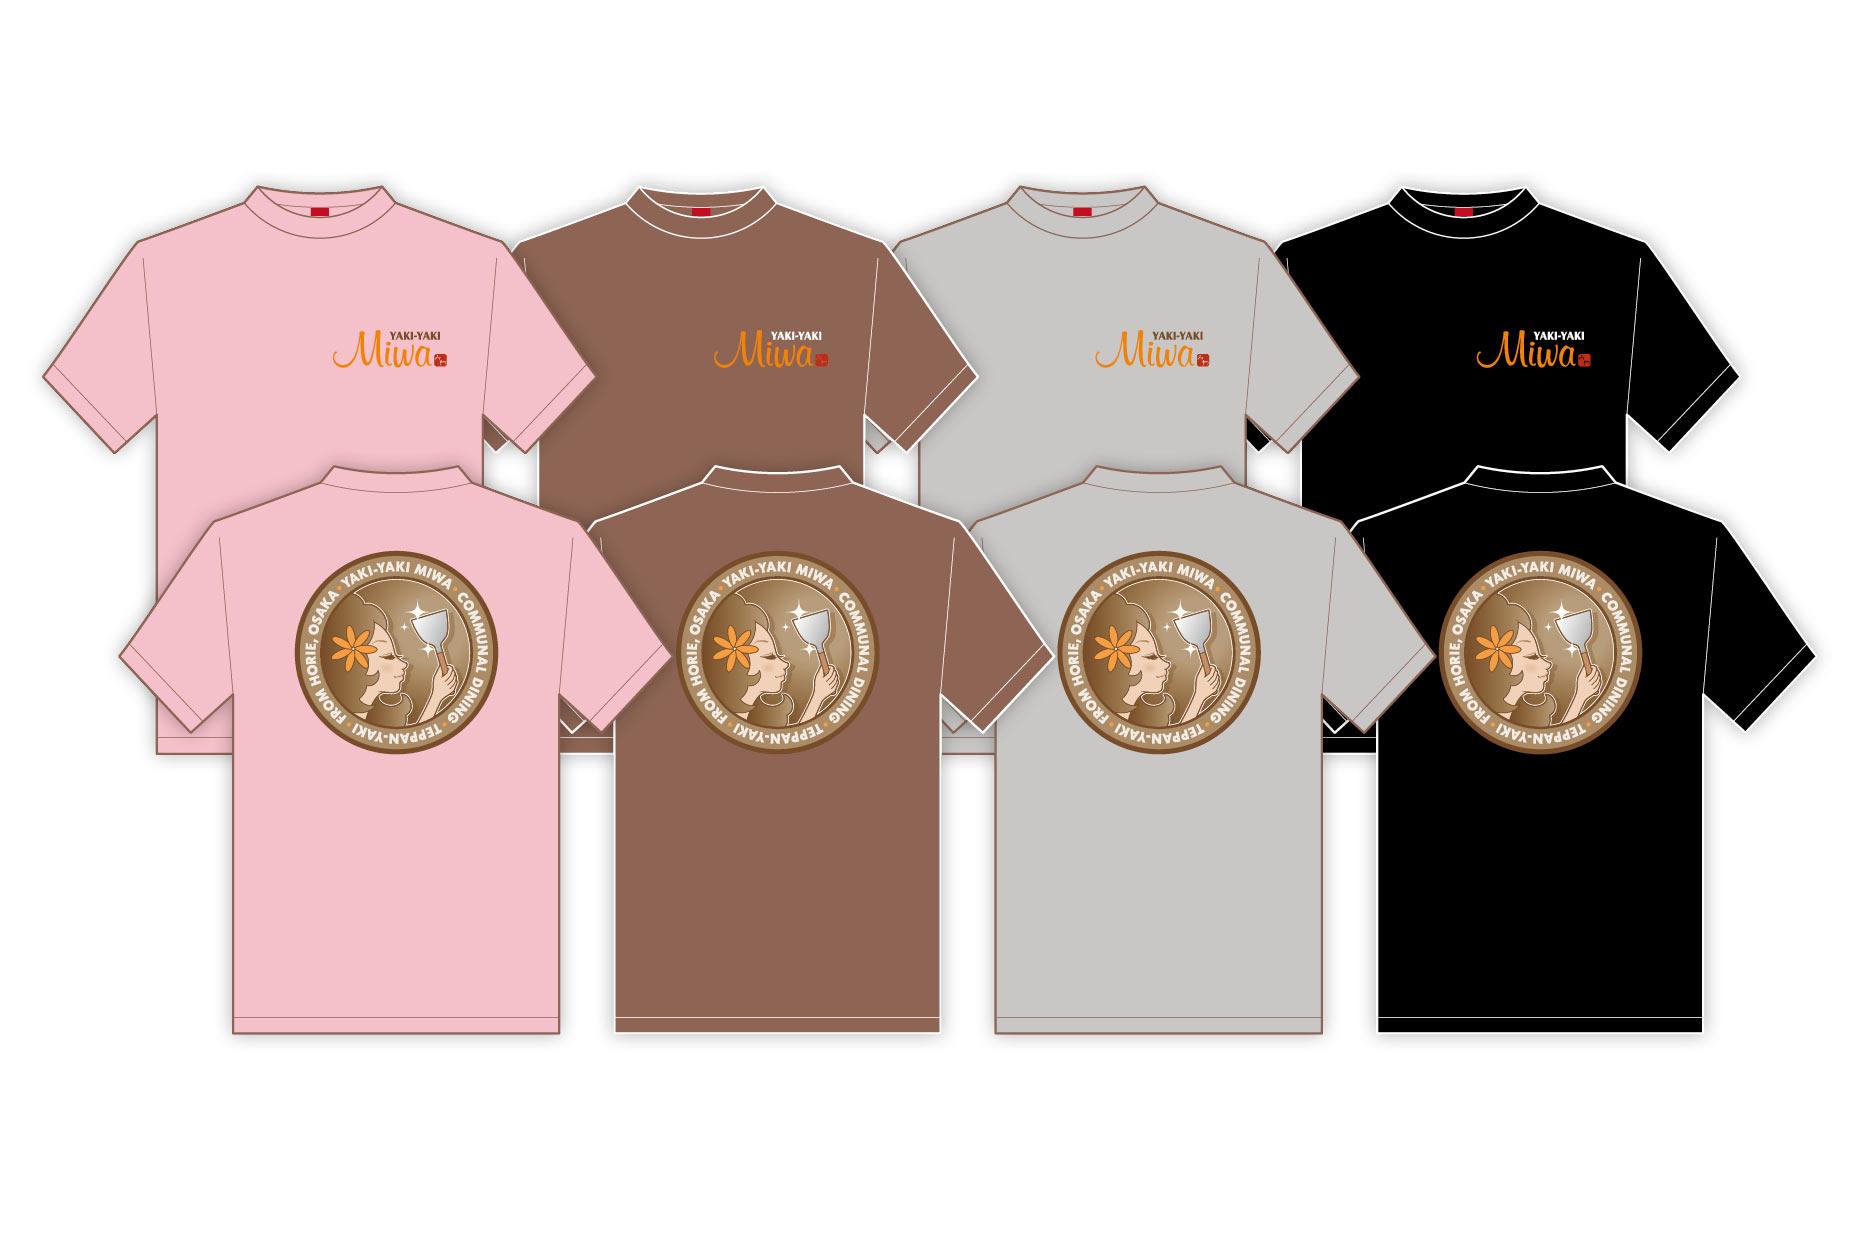 Yaki-yaki Miwa t-shirts